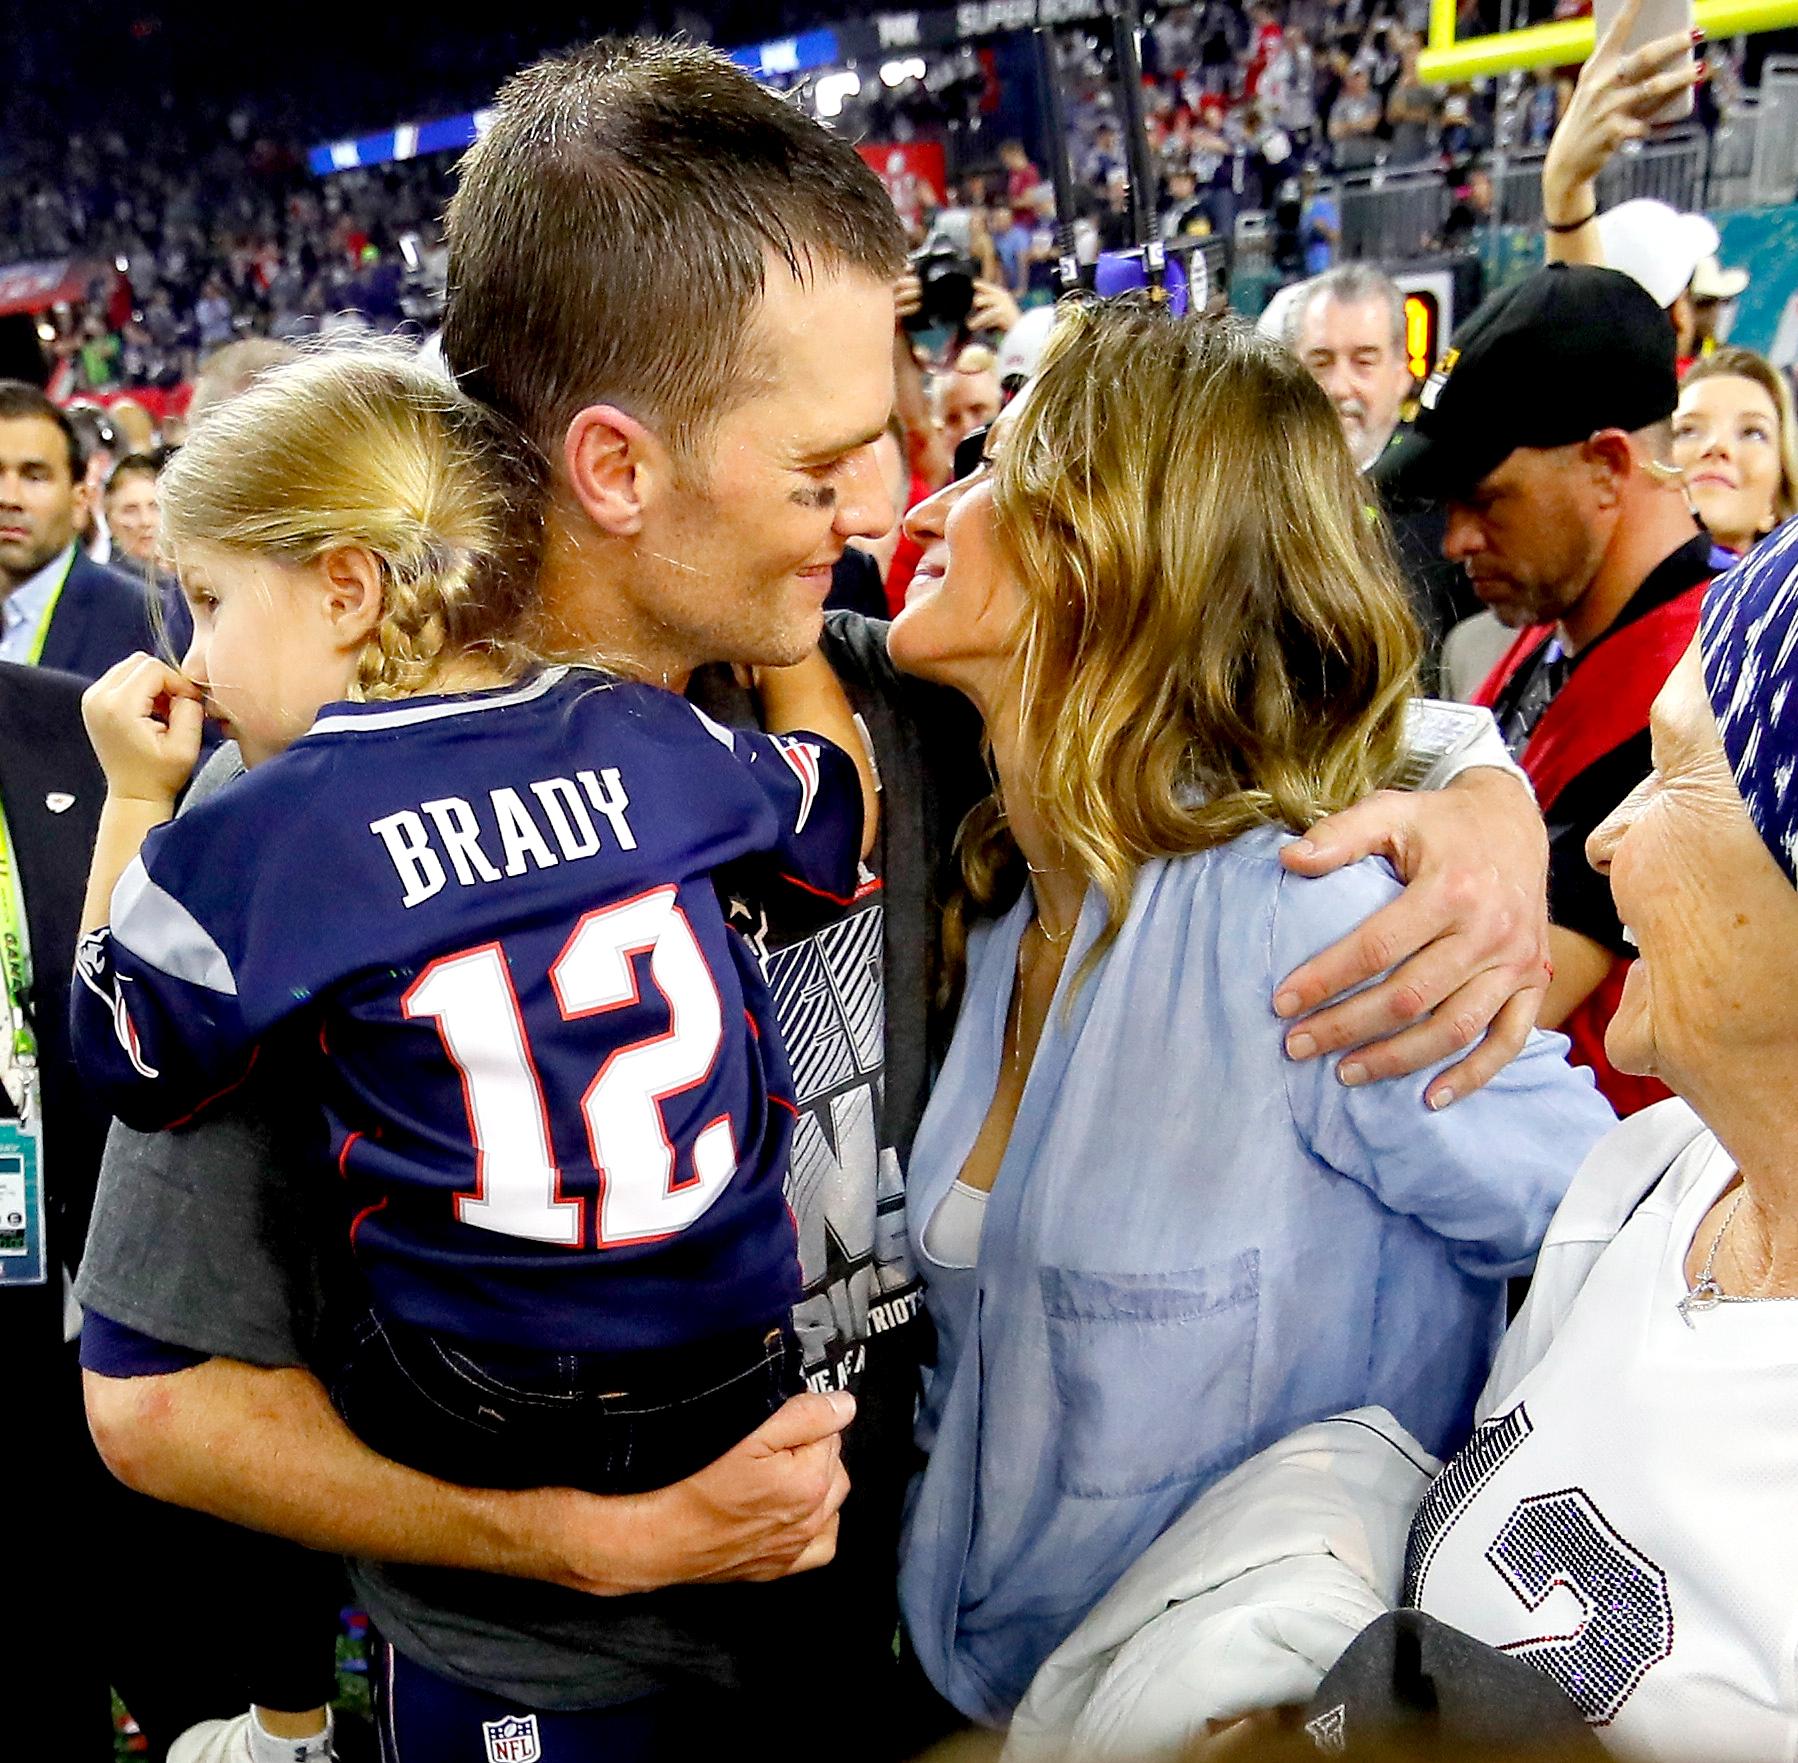 Gisele Bundchen Gushes Over Tom Brady After Super Bowl 2017 Win